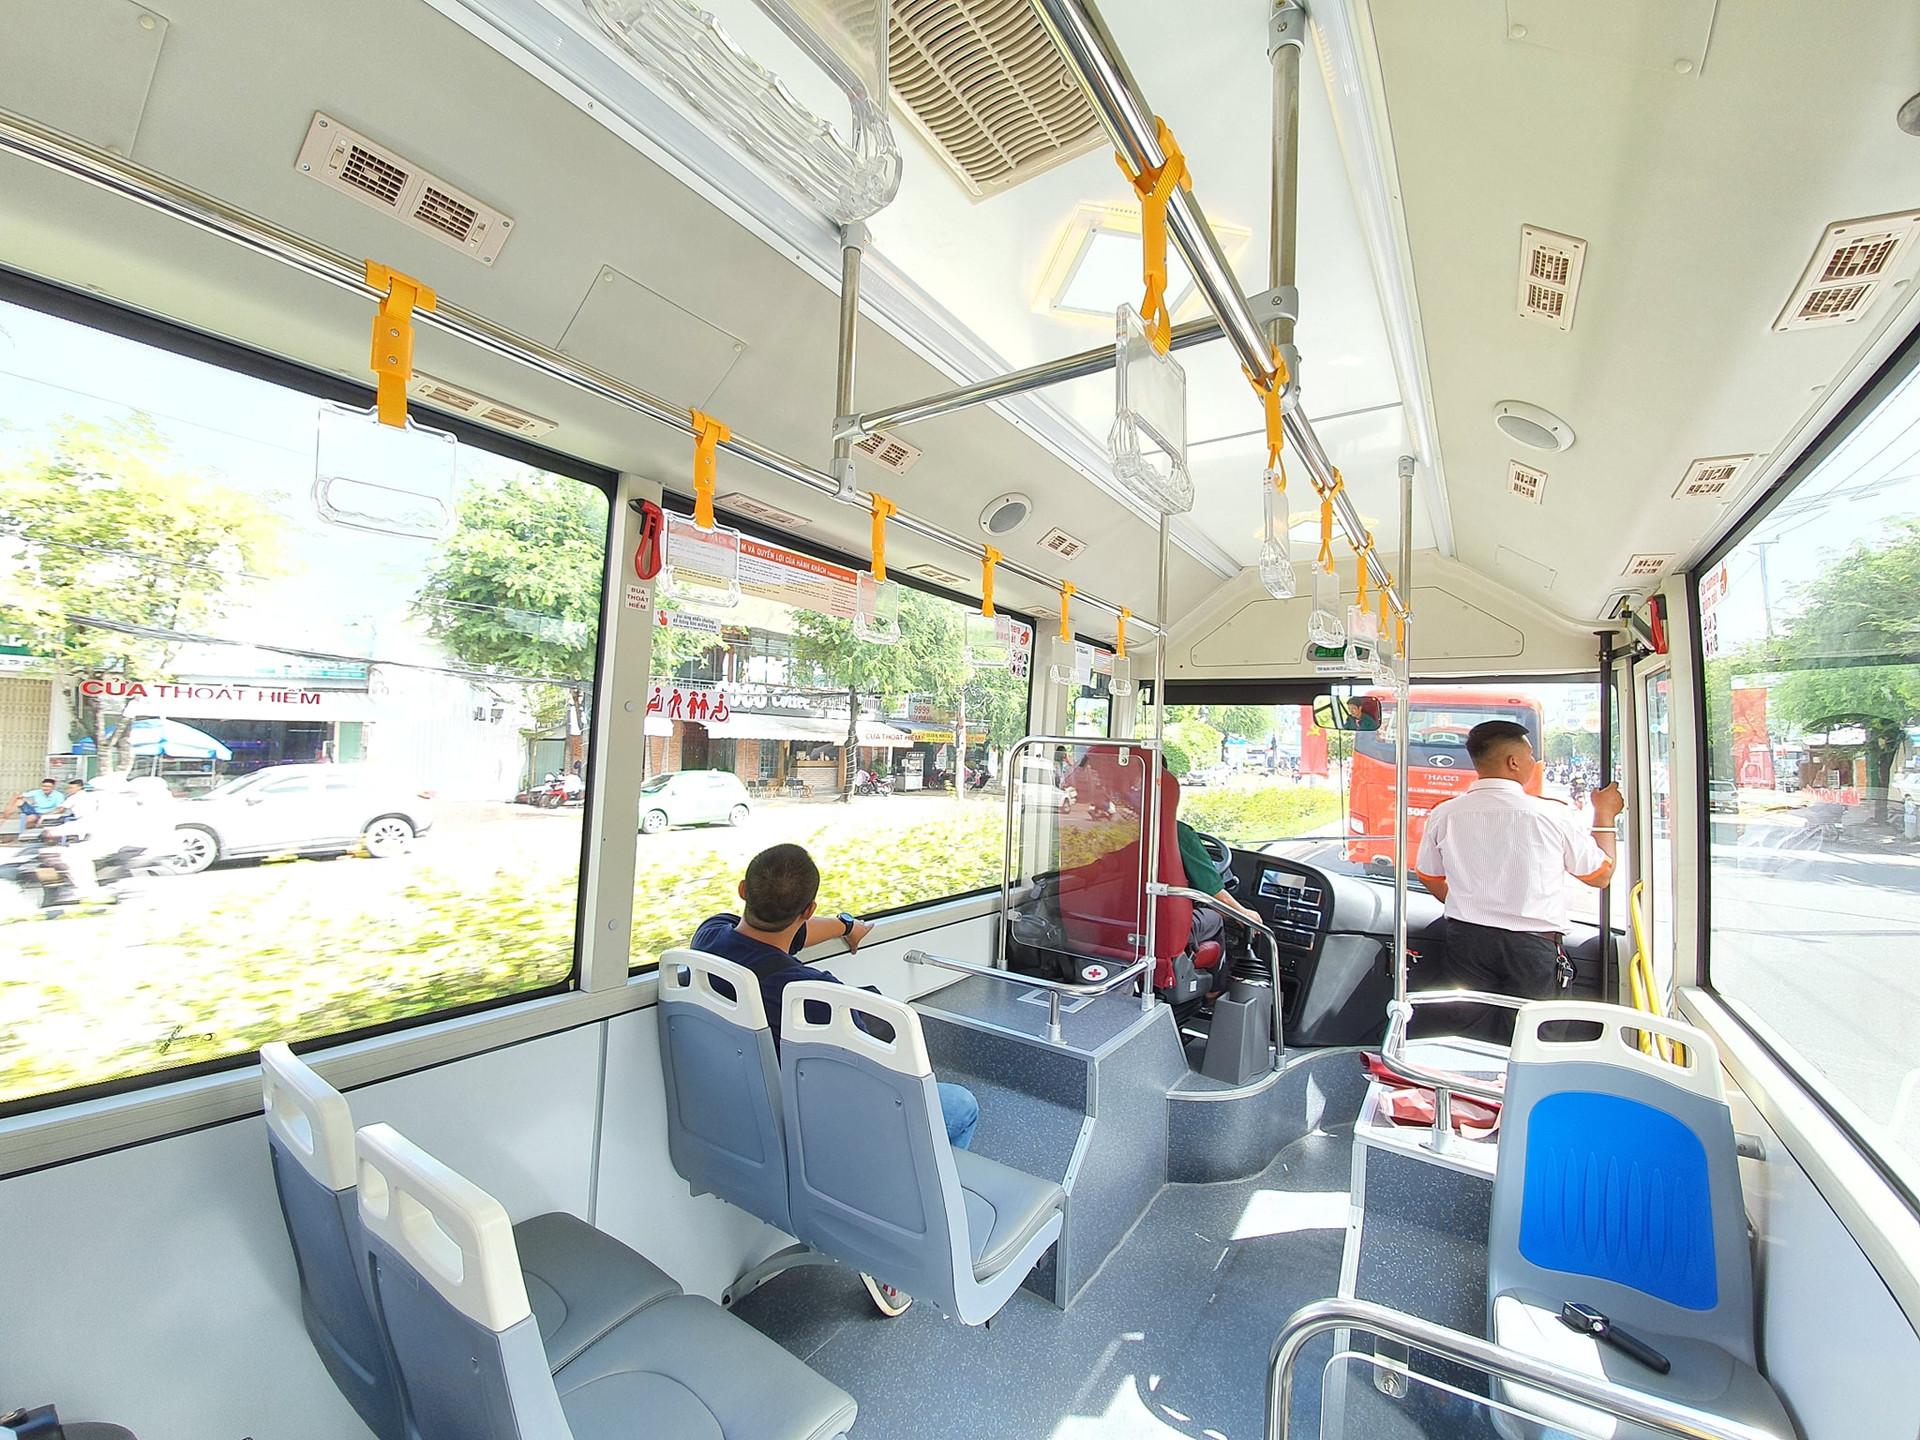 Xe buýt mới, người dân thụ hưởng dịch vụ tiện ích chất lượng cao, thoáng mát và an toàn kĩ thuật.